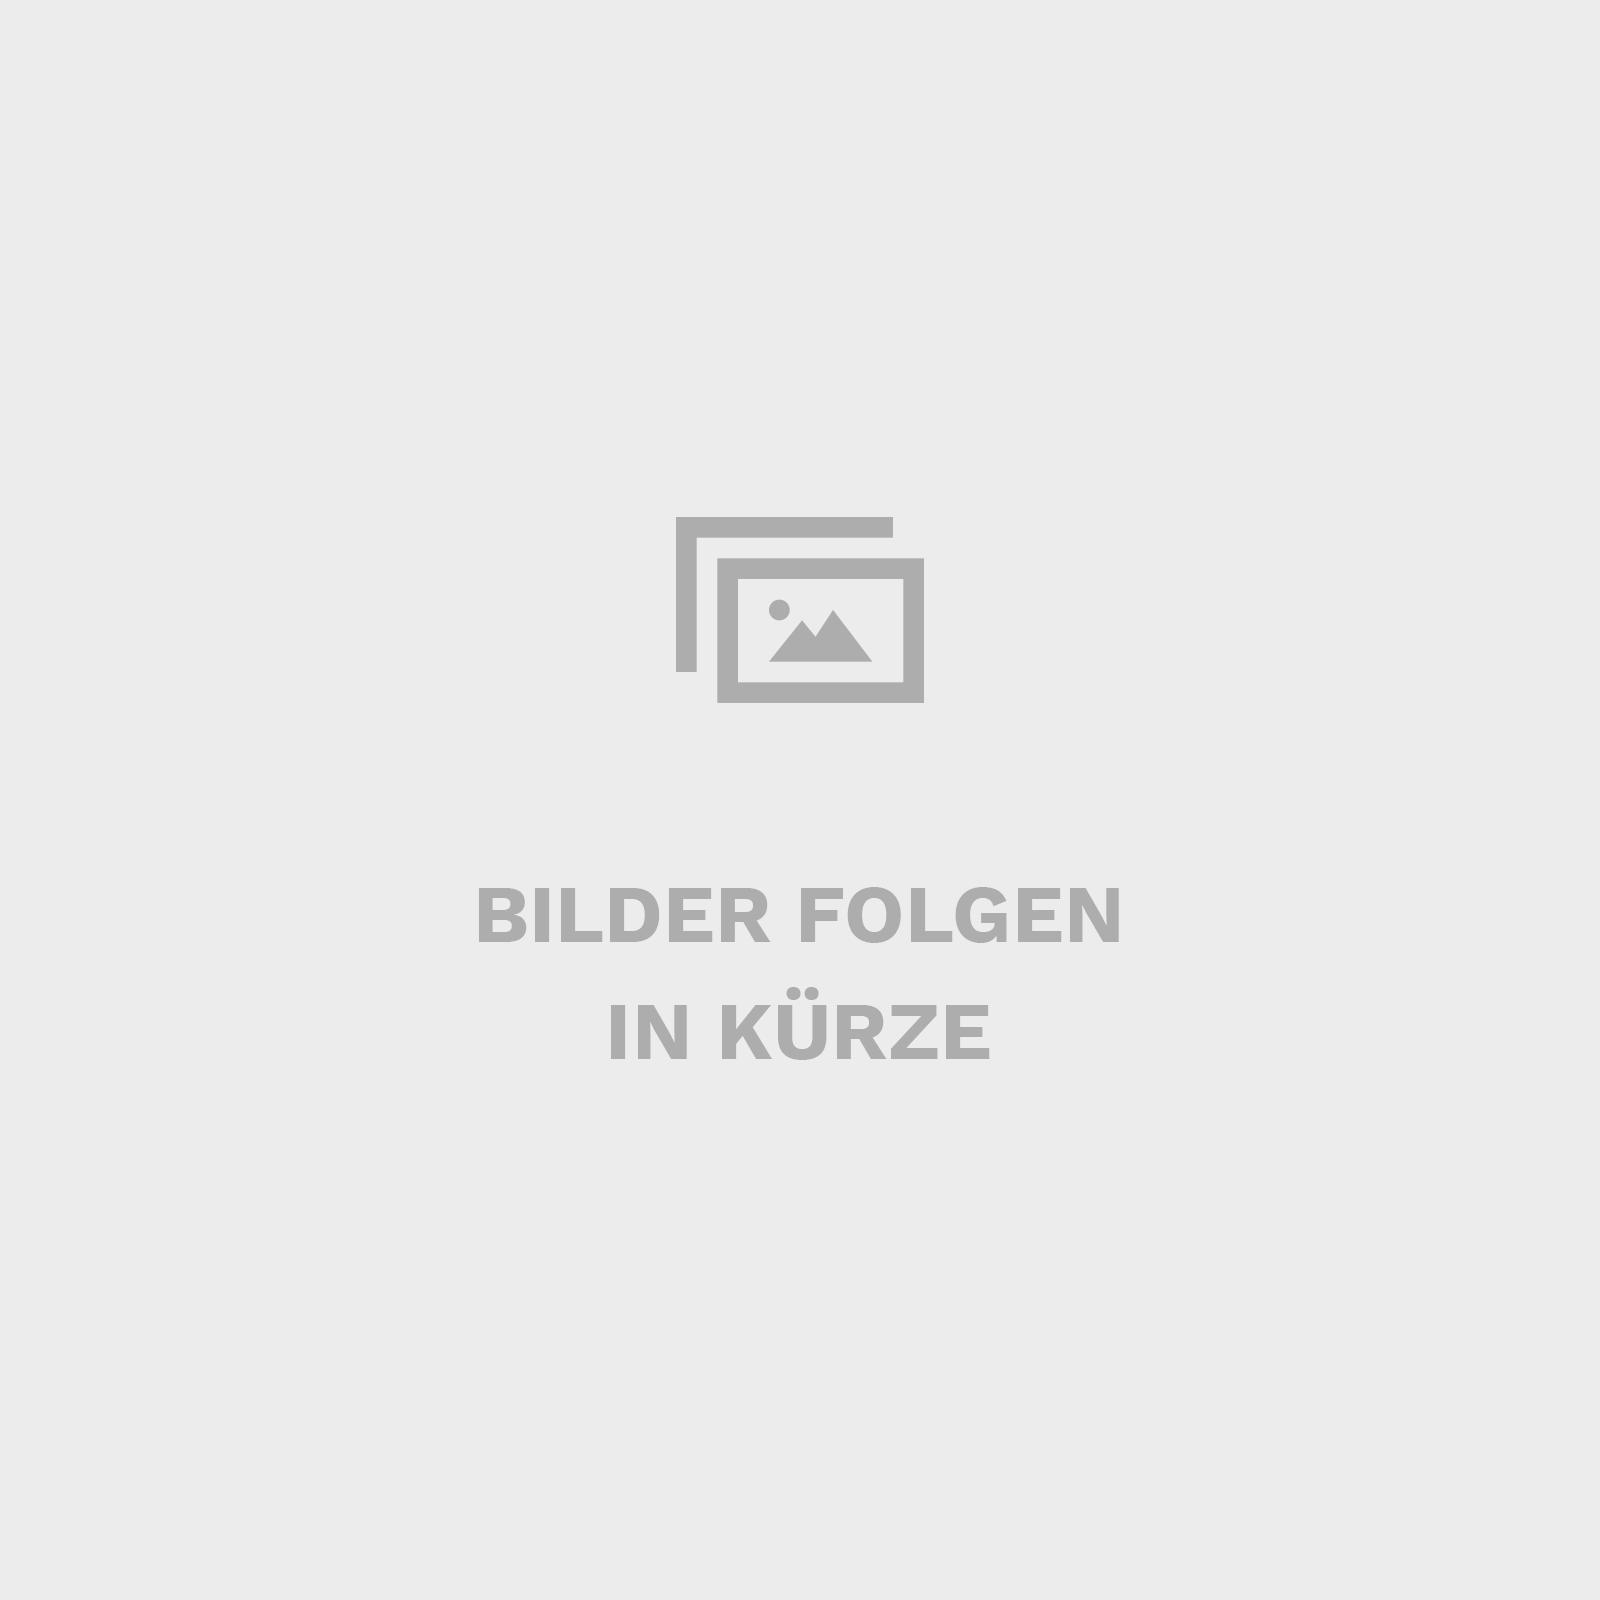 Prop Light Wall & Prop Light Wall Round - Maße